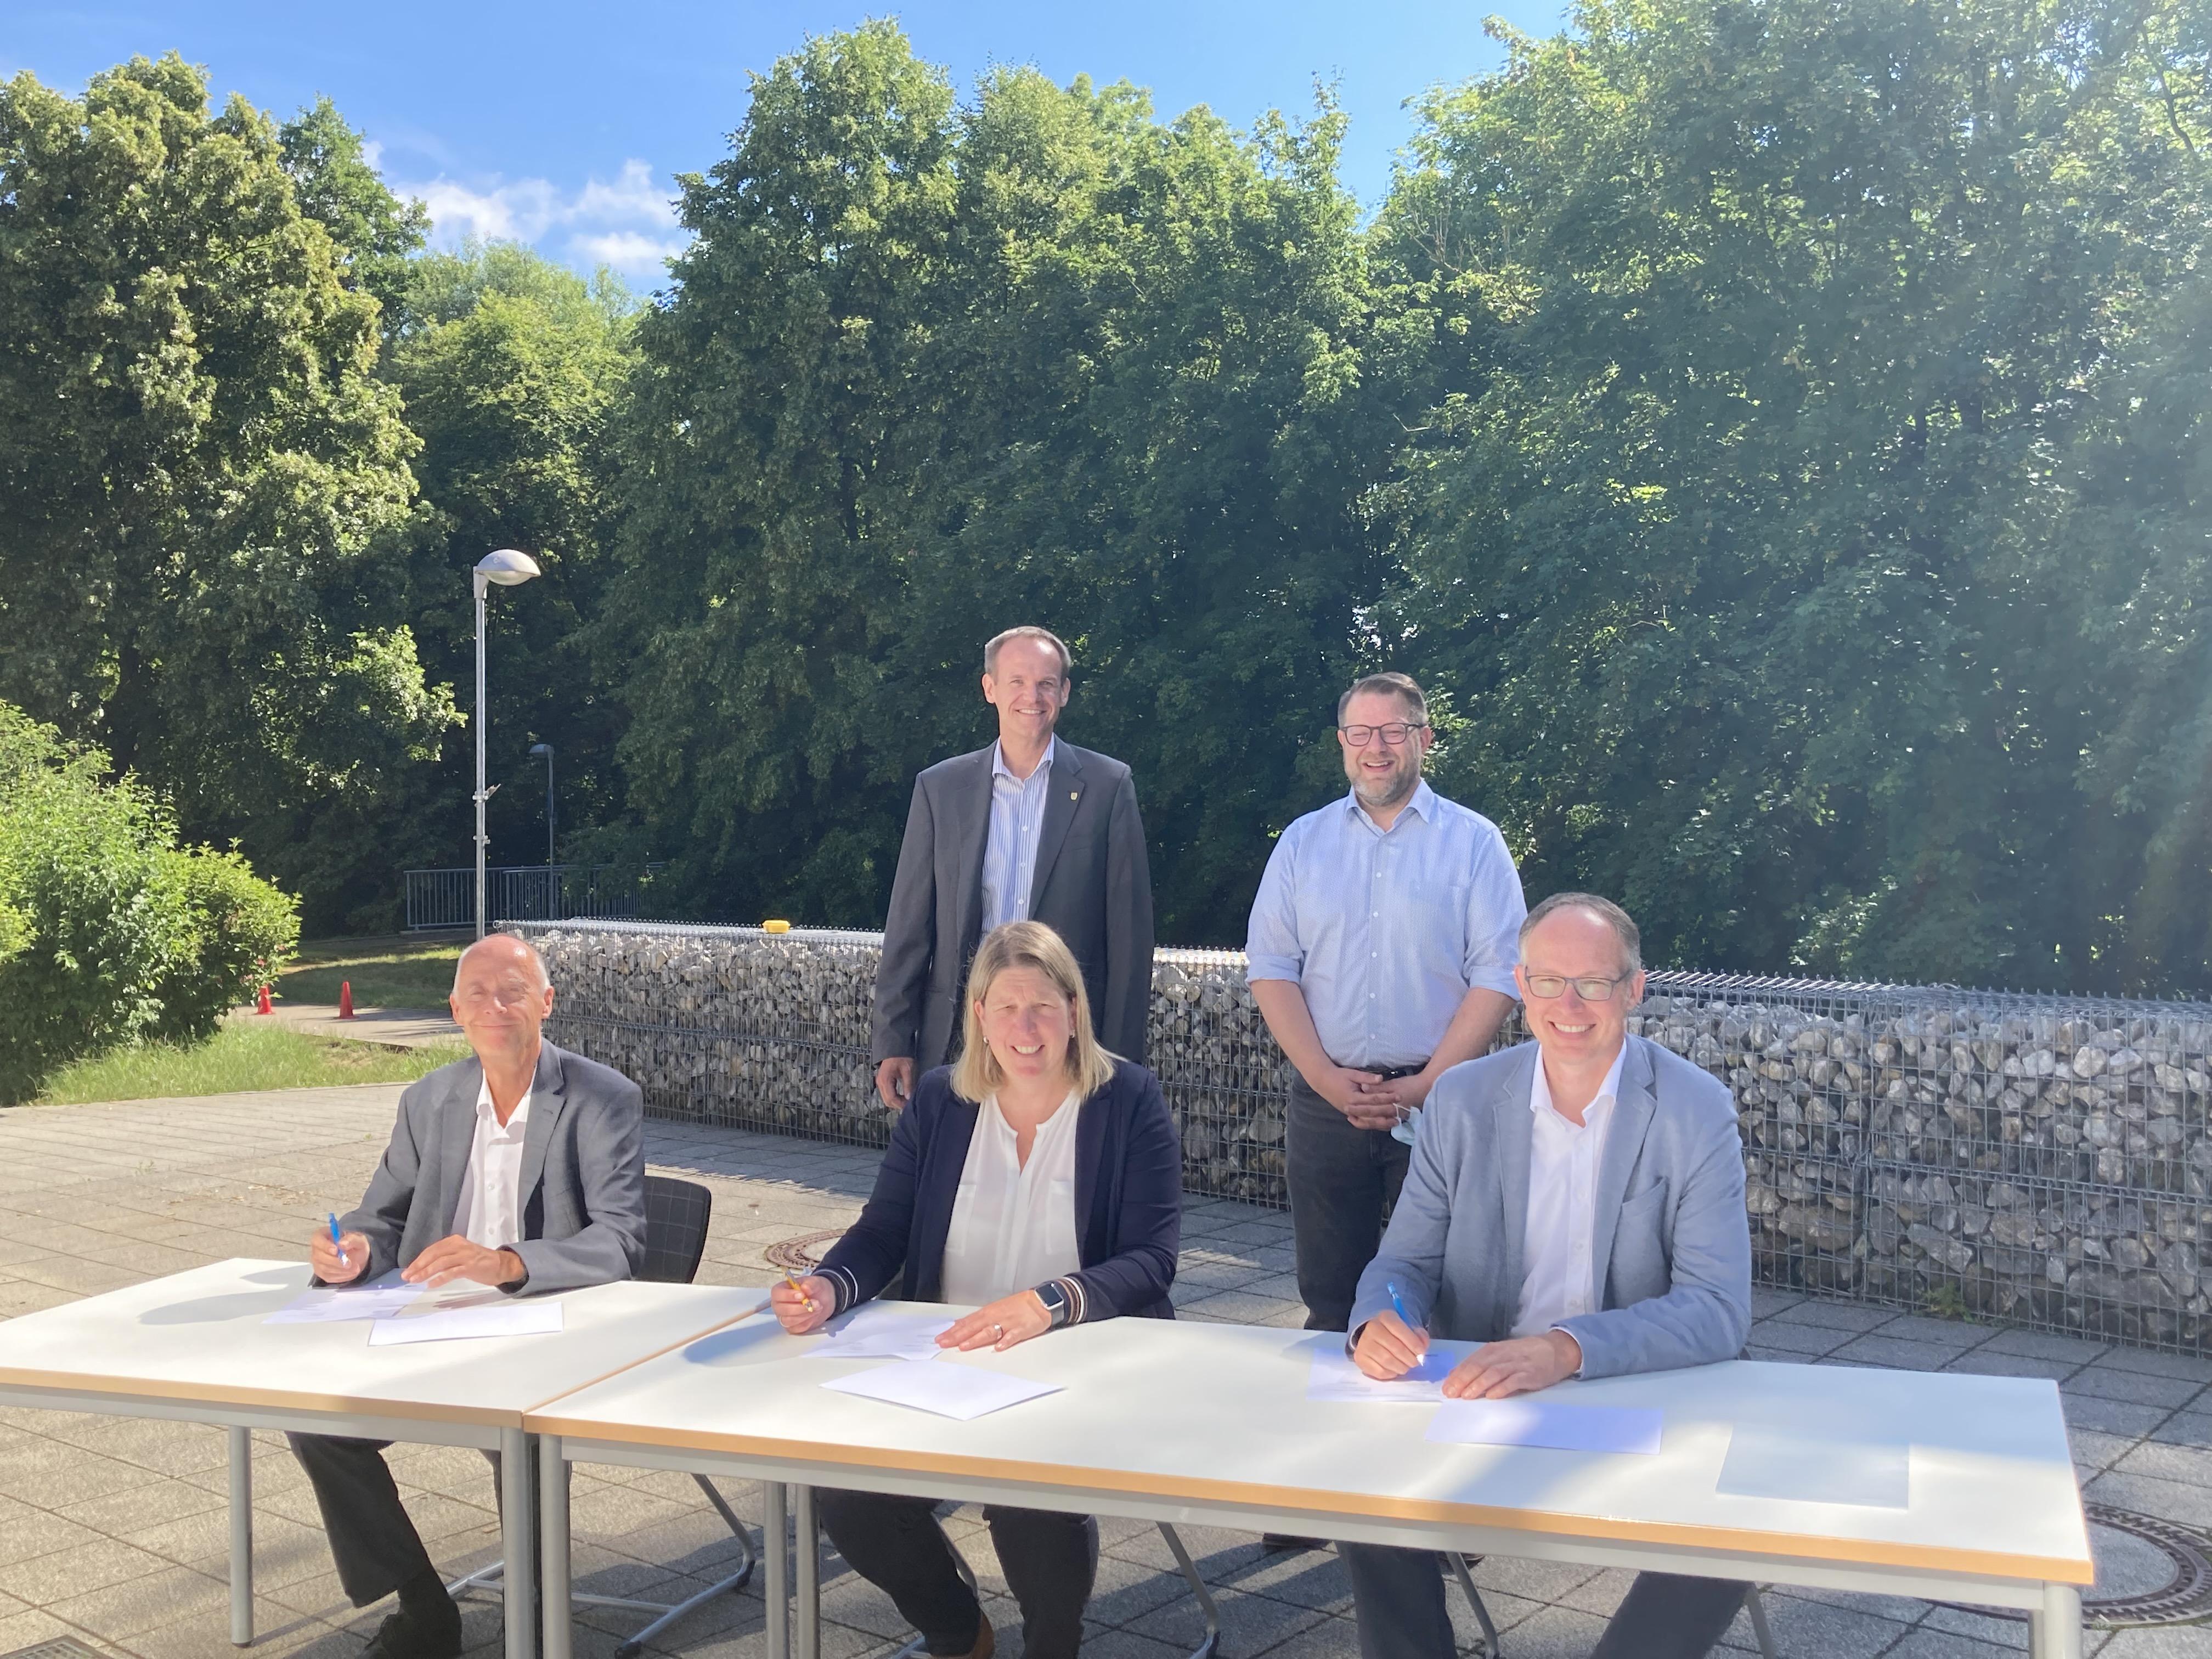 Unterzeichnung der Bildungspartnerschaft zwischen Helukabel und der Glemstalschule.